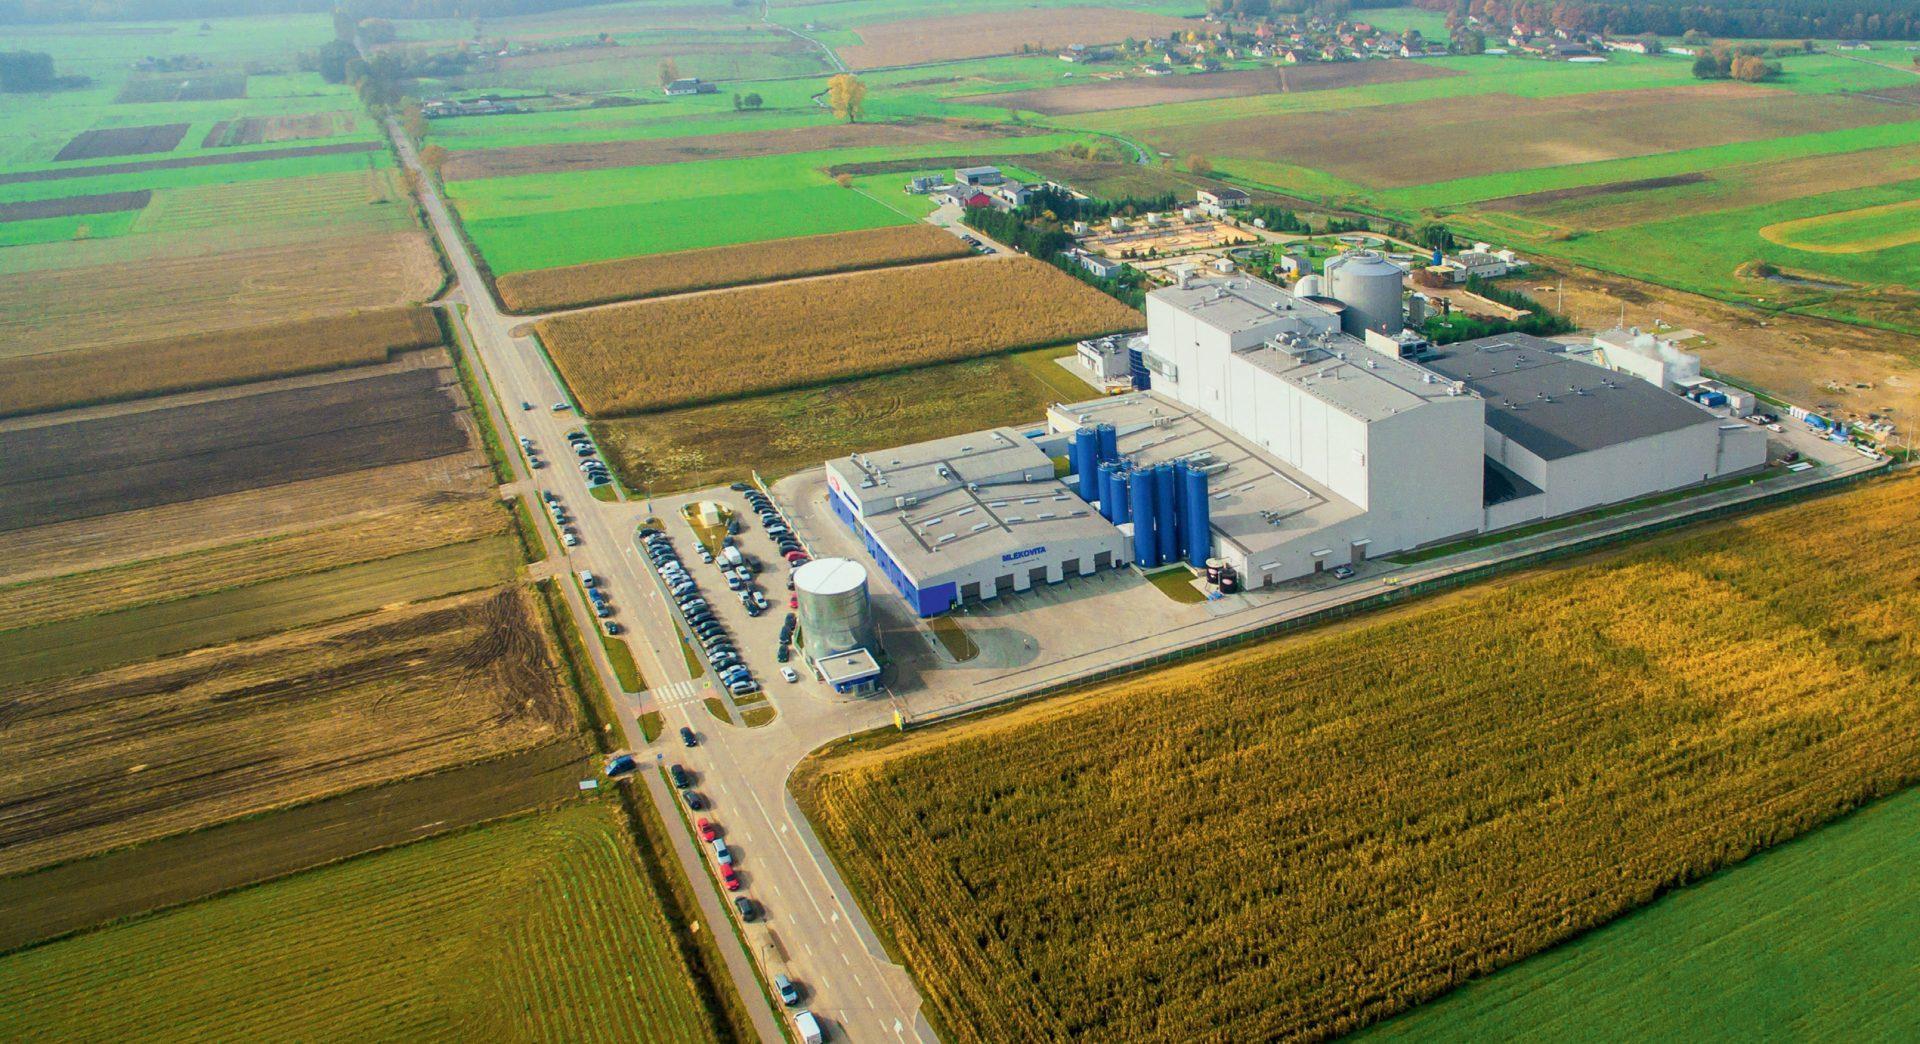 Fabryka Proszków Mlecznych Mlekovita 3, Wysokie Mazowieckie, Polska. Inwestor: Spółdzielnia Mleczarska Mlekovita.